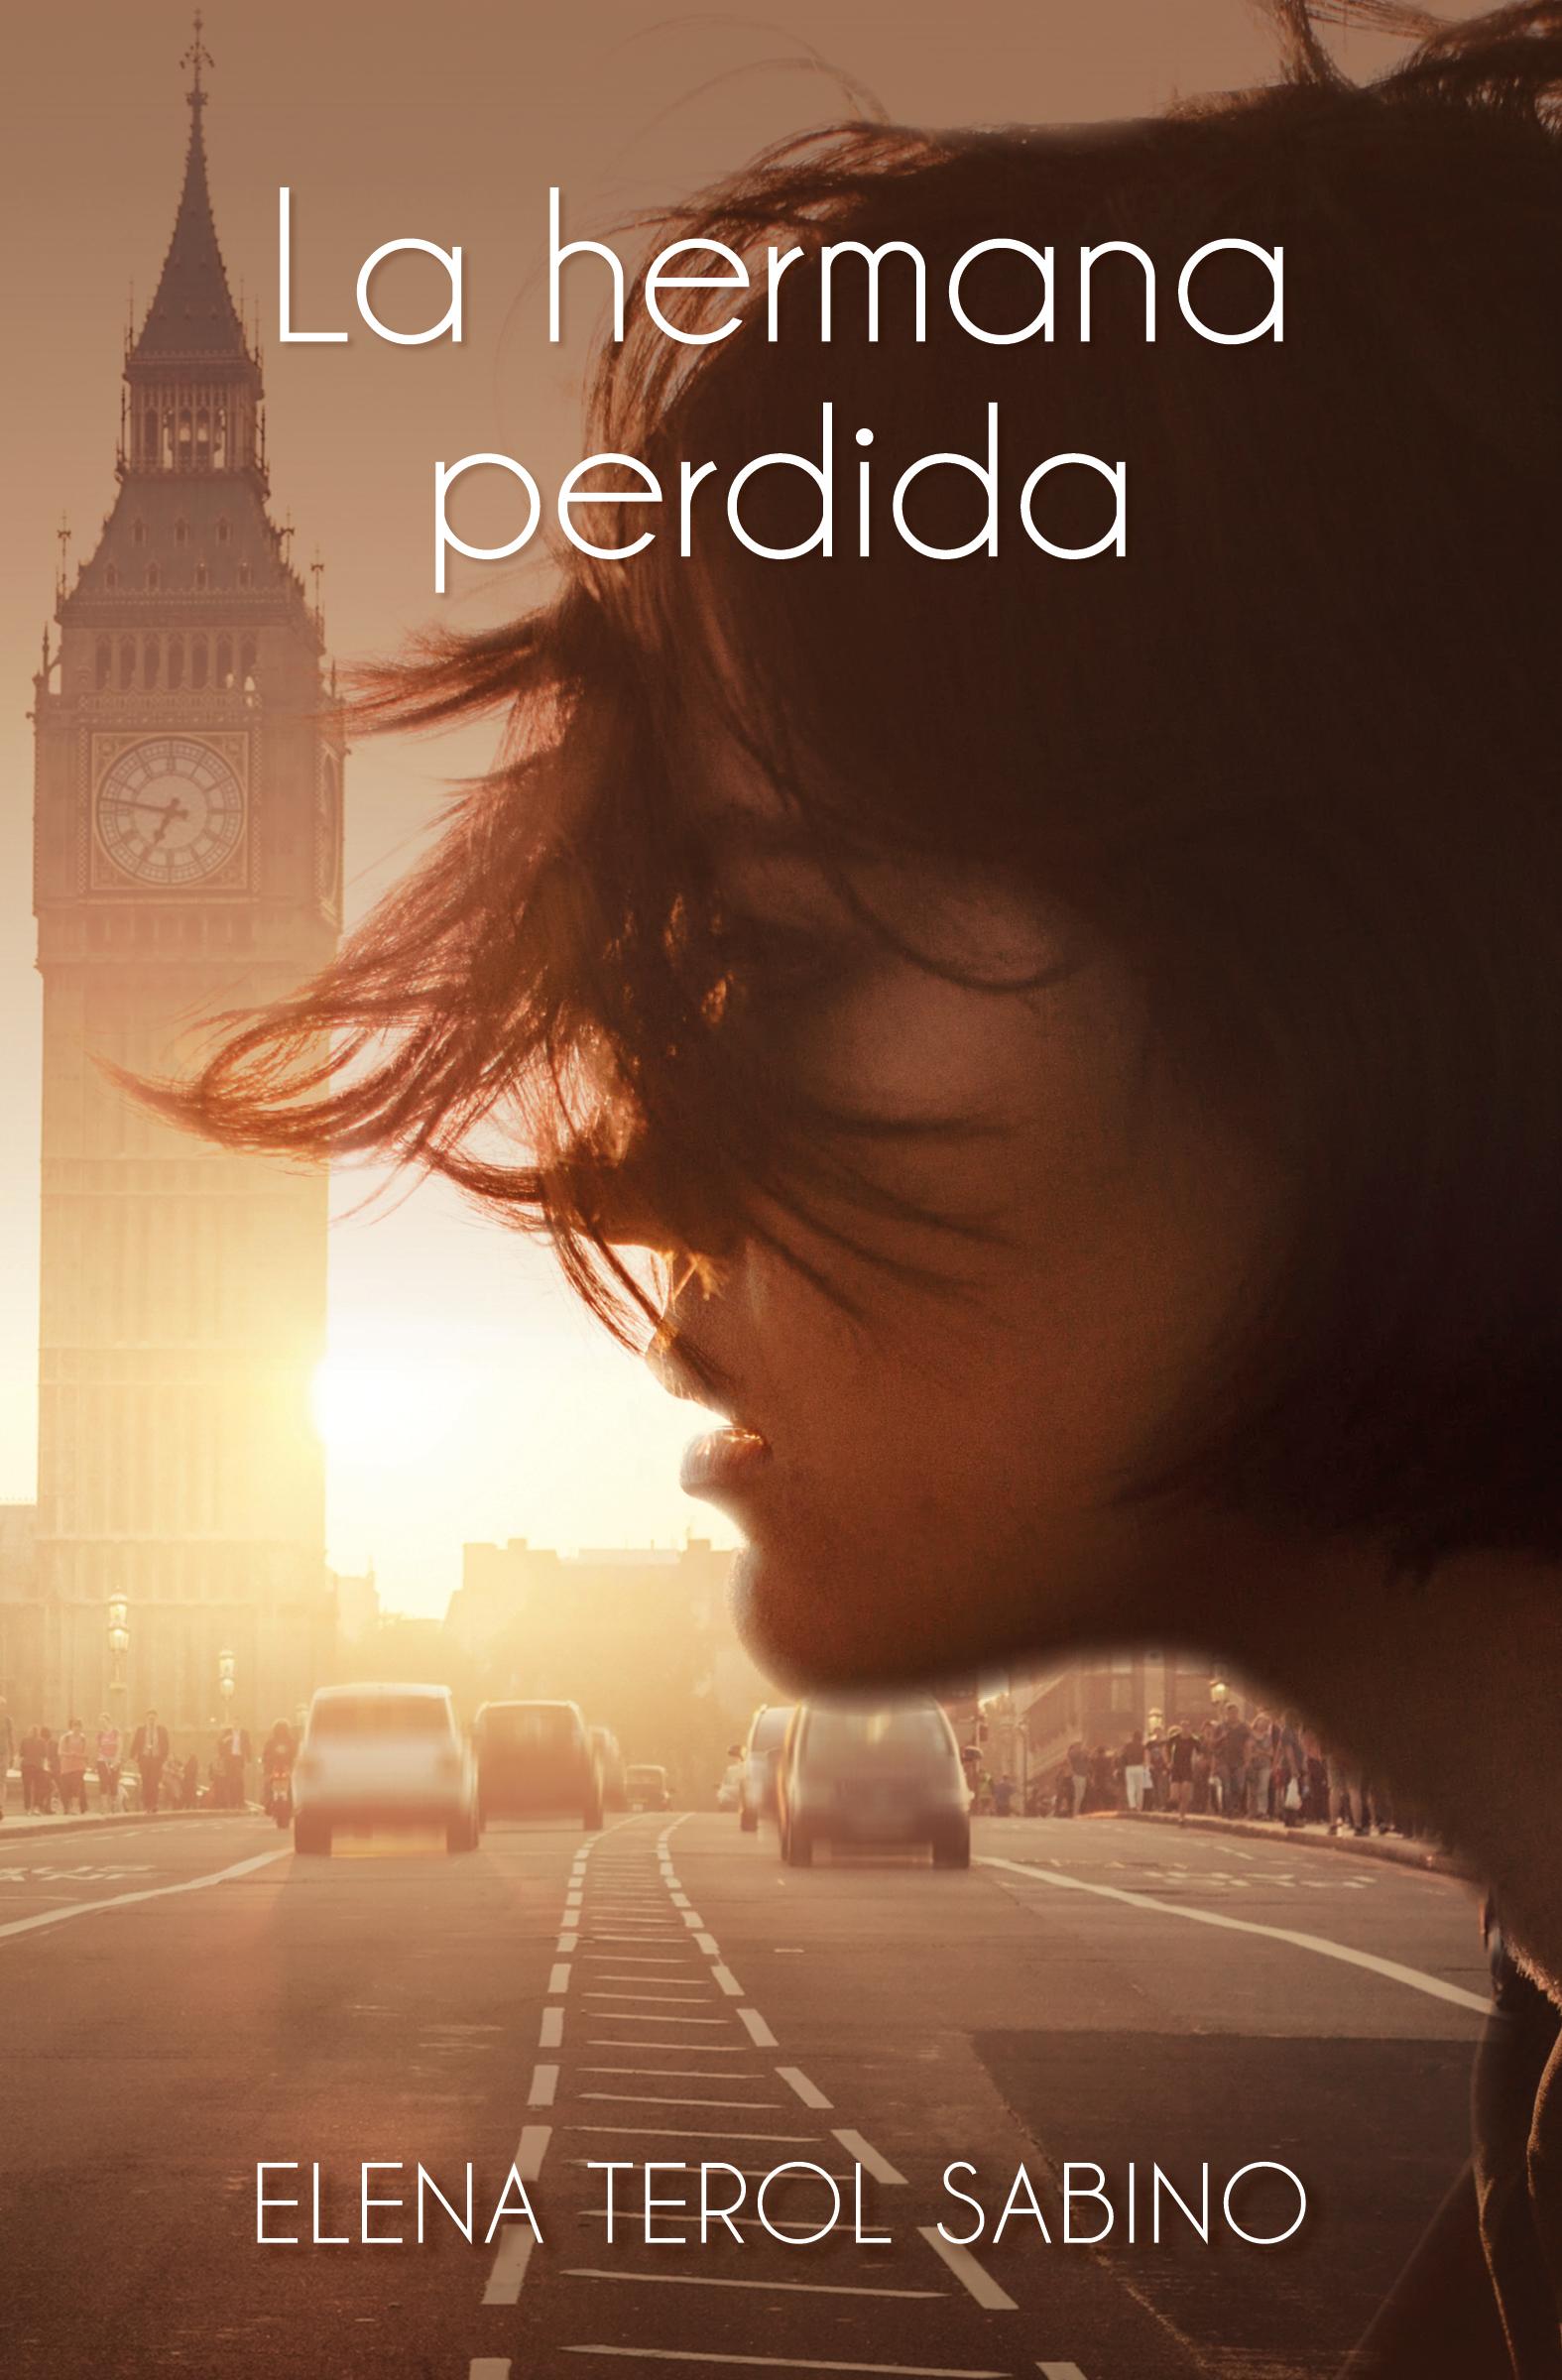 'Una novela llena de intriga que engancha al lector desde el principio.' Goodreads. -